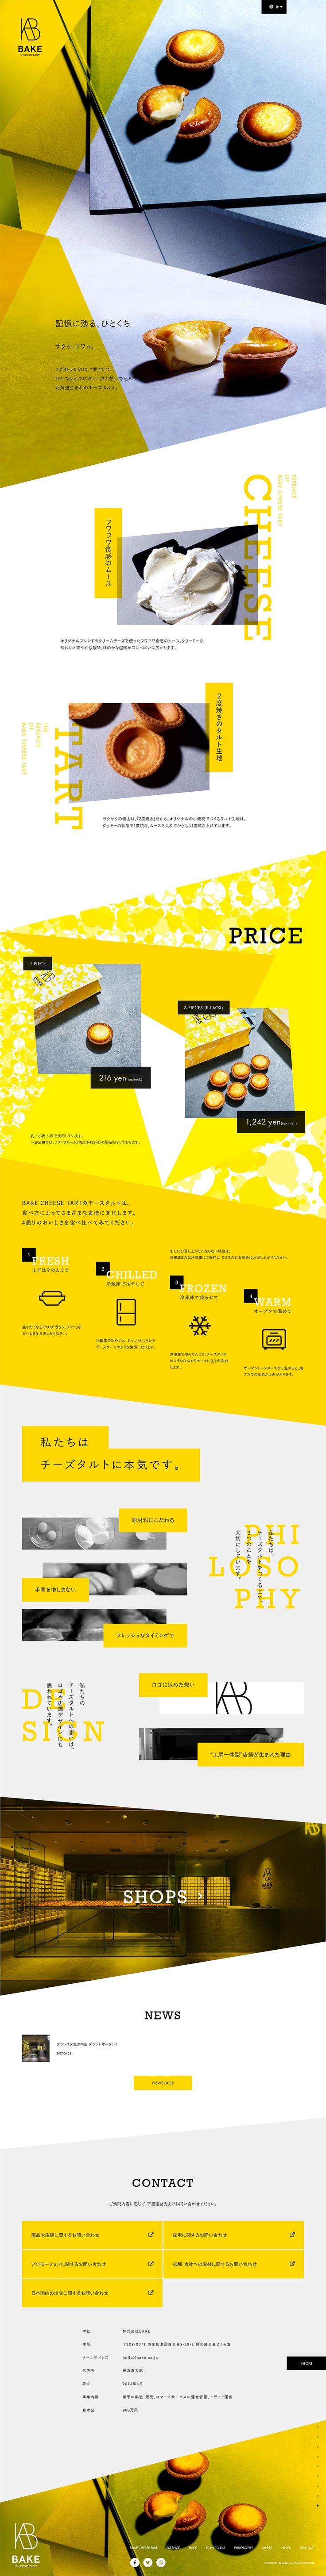 BAKE|WEBデザイナーさん必見!ランディングページのデザイン参考に(アート・芸術系)